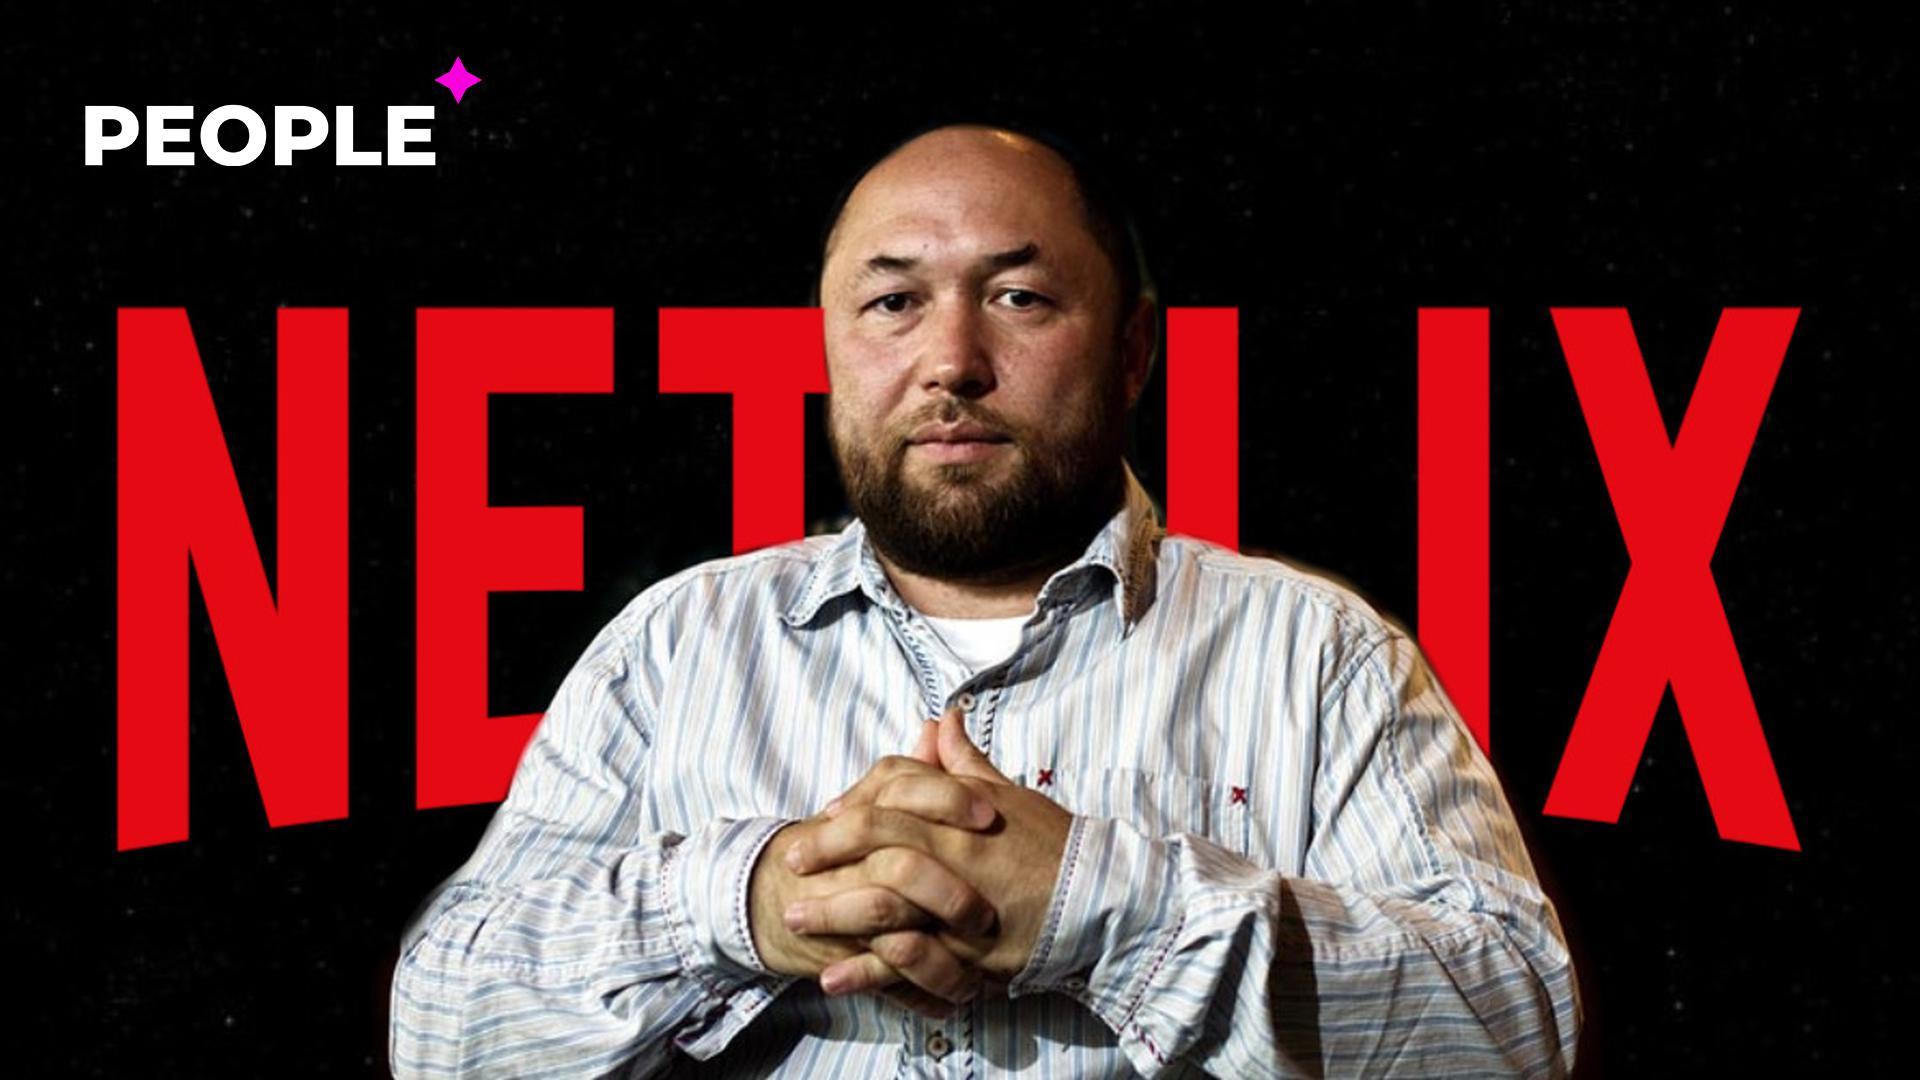 Тимур Бекмамбетов снимет детективный сериал для Netflix